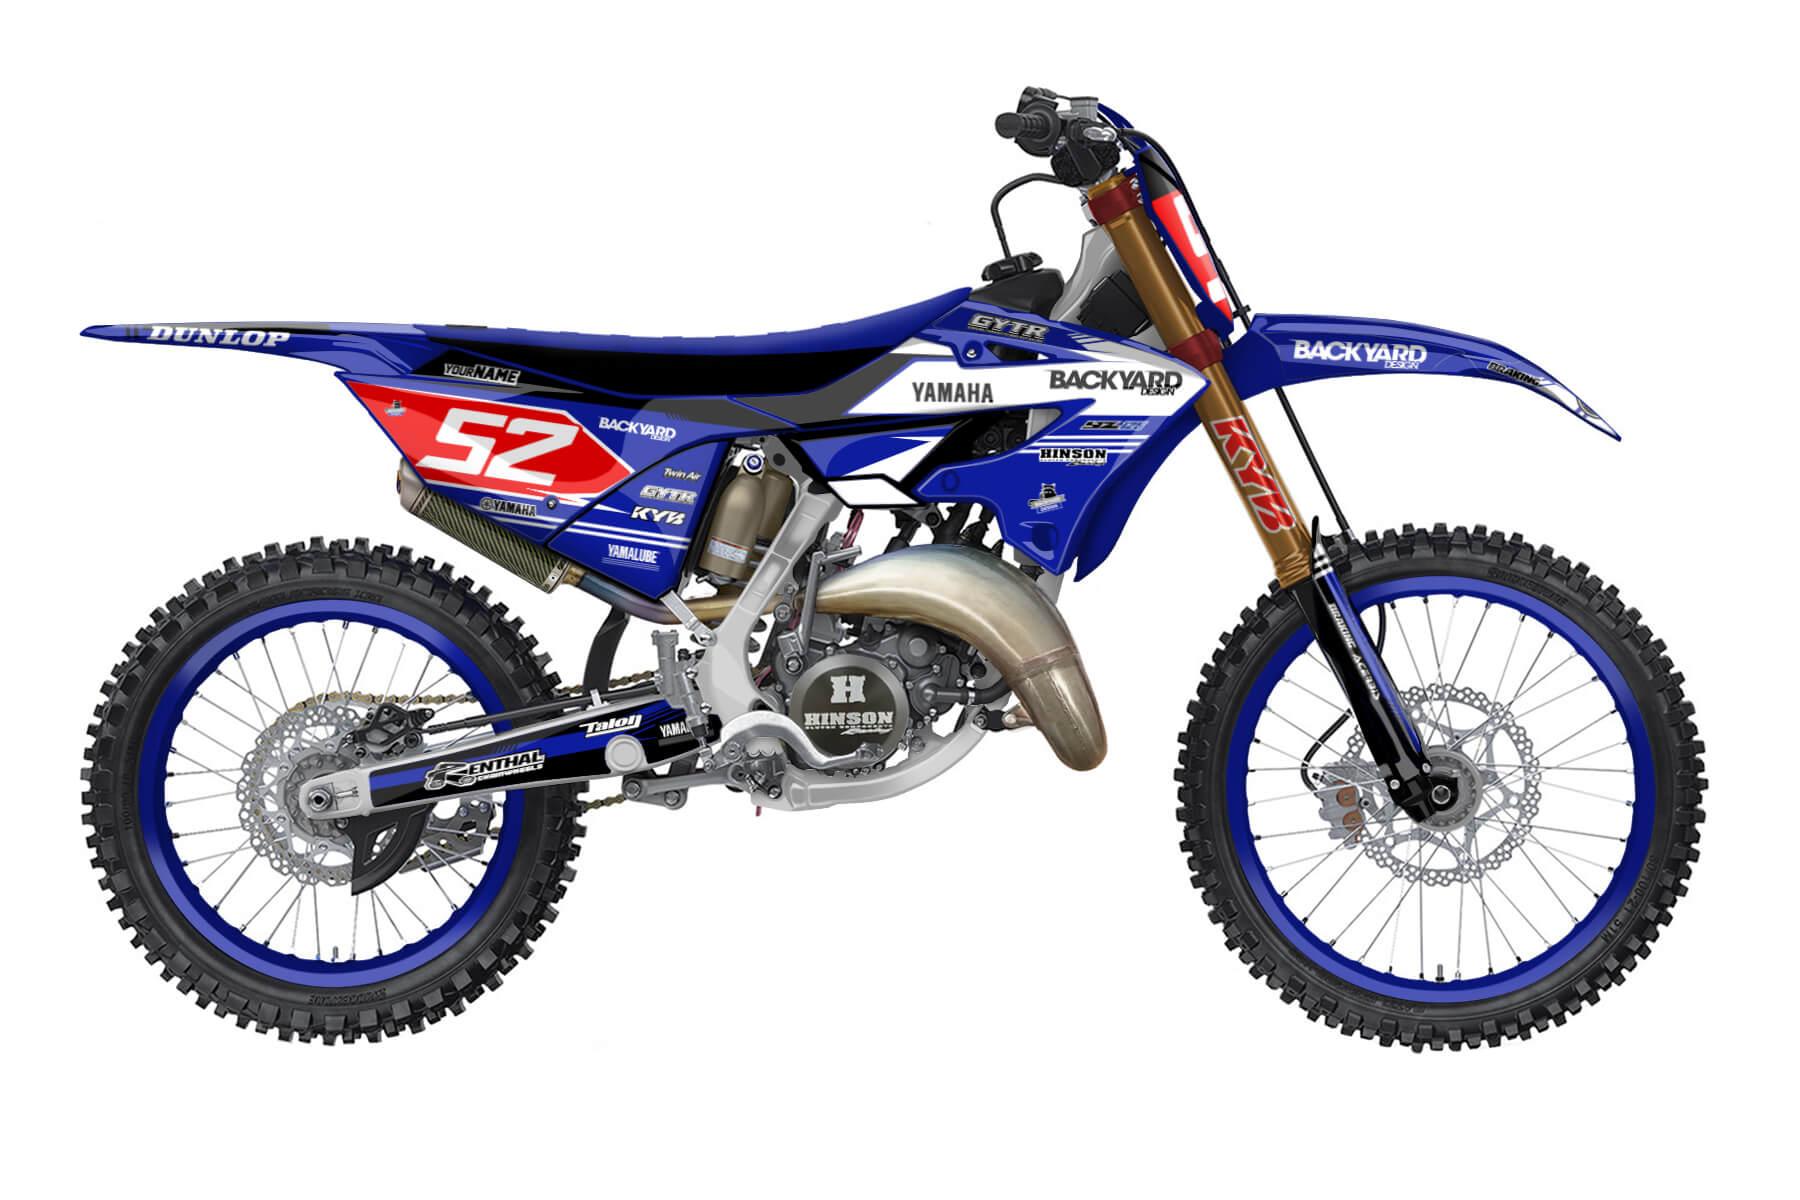 Yamaha YZ 250 - 2022 - Backyard Design - Mx Dekor - Limited Basic